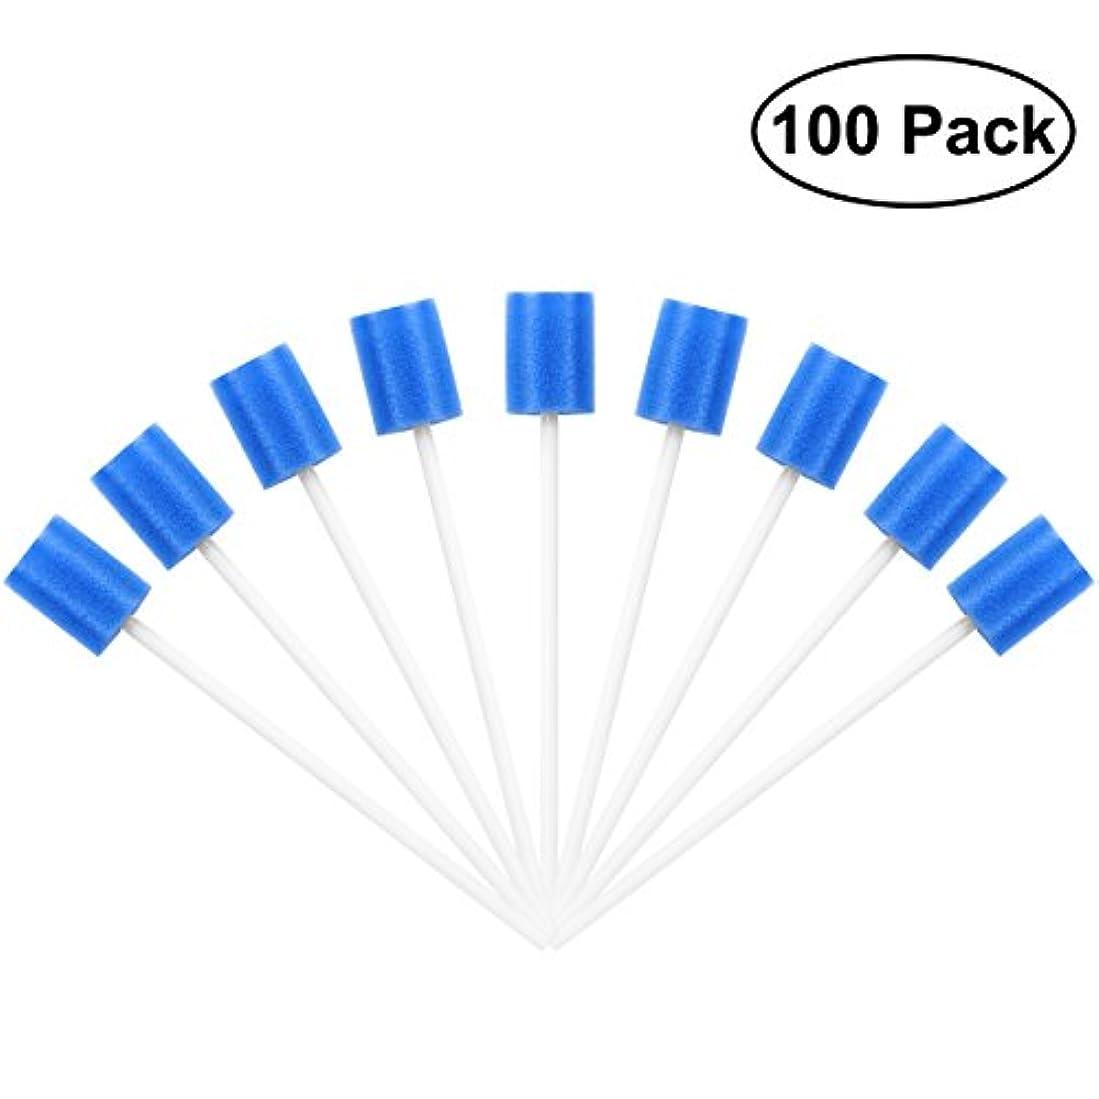 教会バイナリカニROSENICE Mouth Sponges Dental Swabs 100Pcs Disposable Oral Care Swabs (Blue)